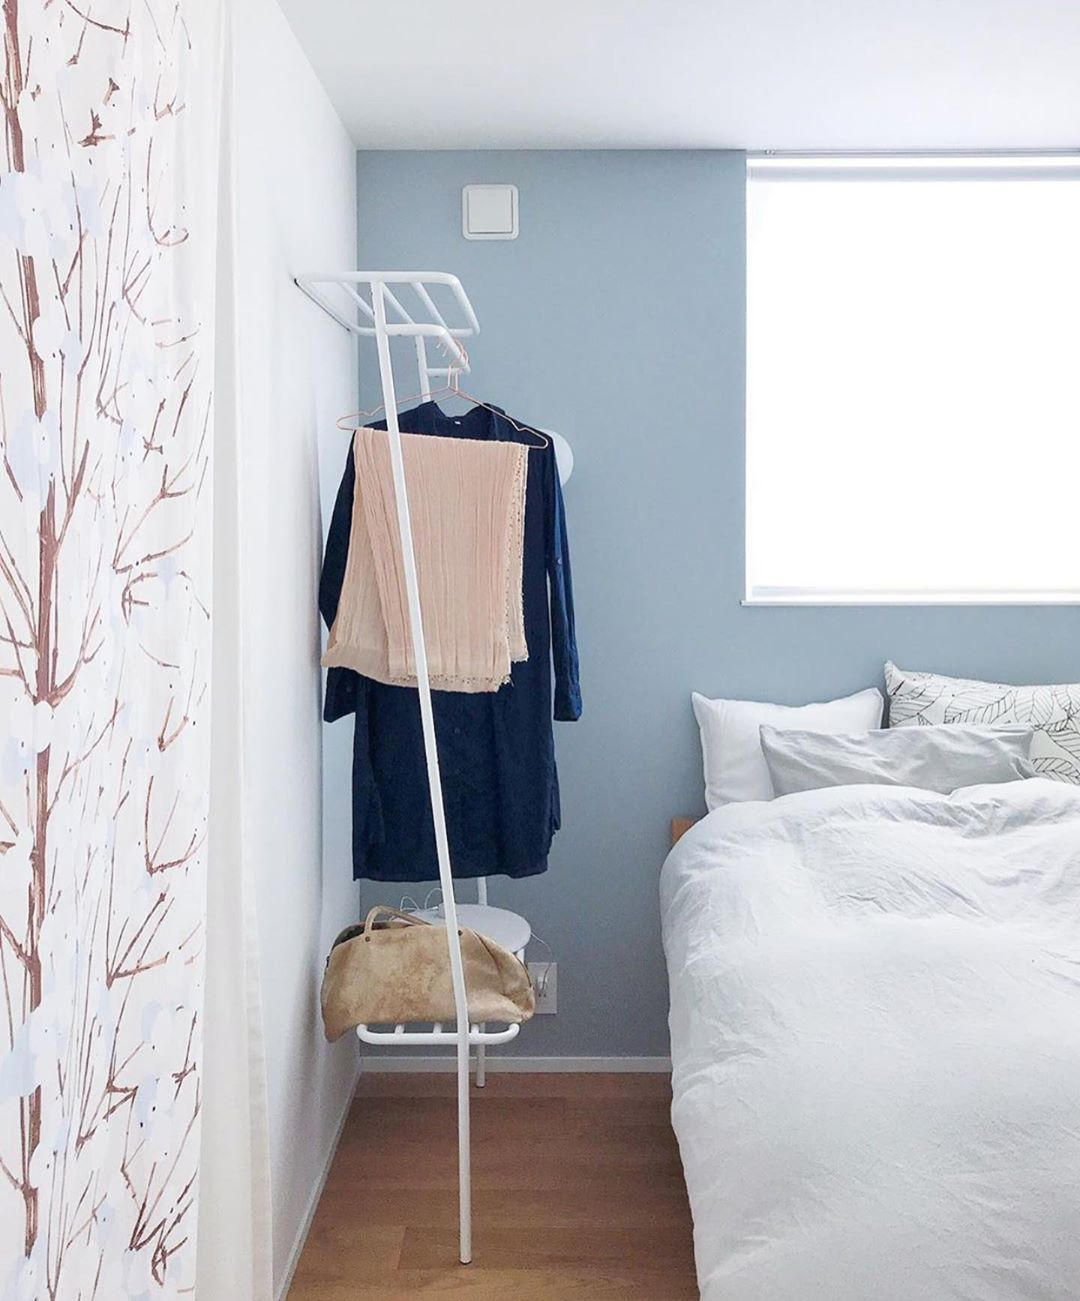 いまの季節に、毎日のように着るもの、使うものだけを厳選して、身軽に暮したい人に。シンプルでミニマムな「立て掛け式ラック」|DUENDE WALL HANGER